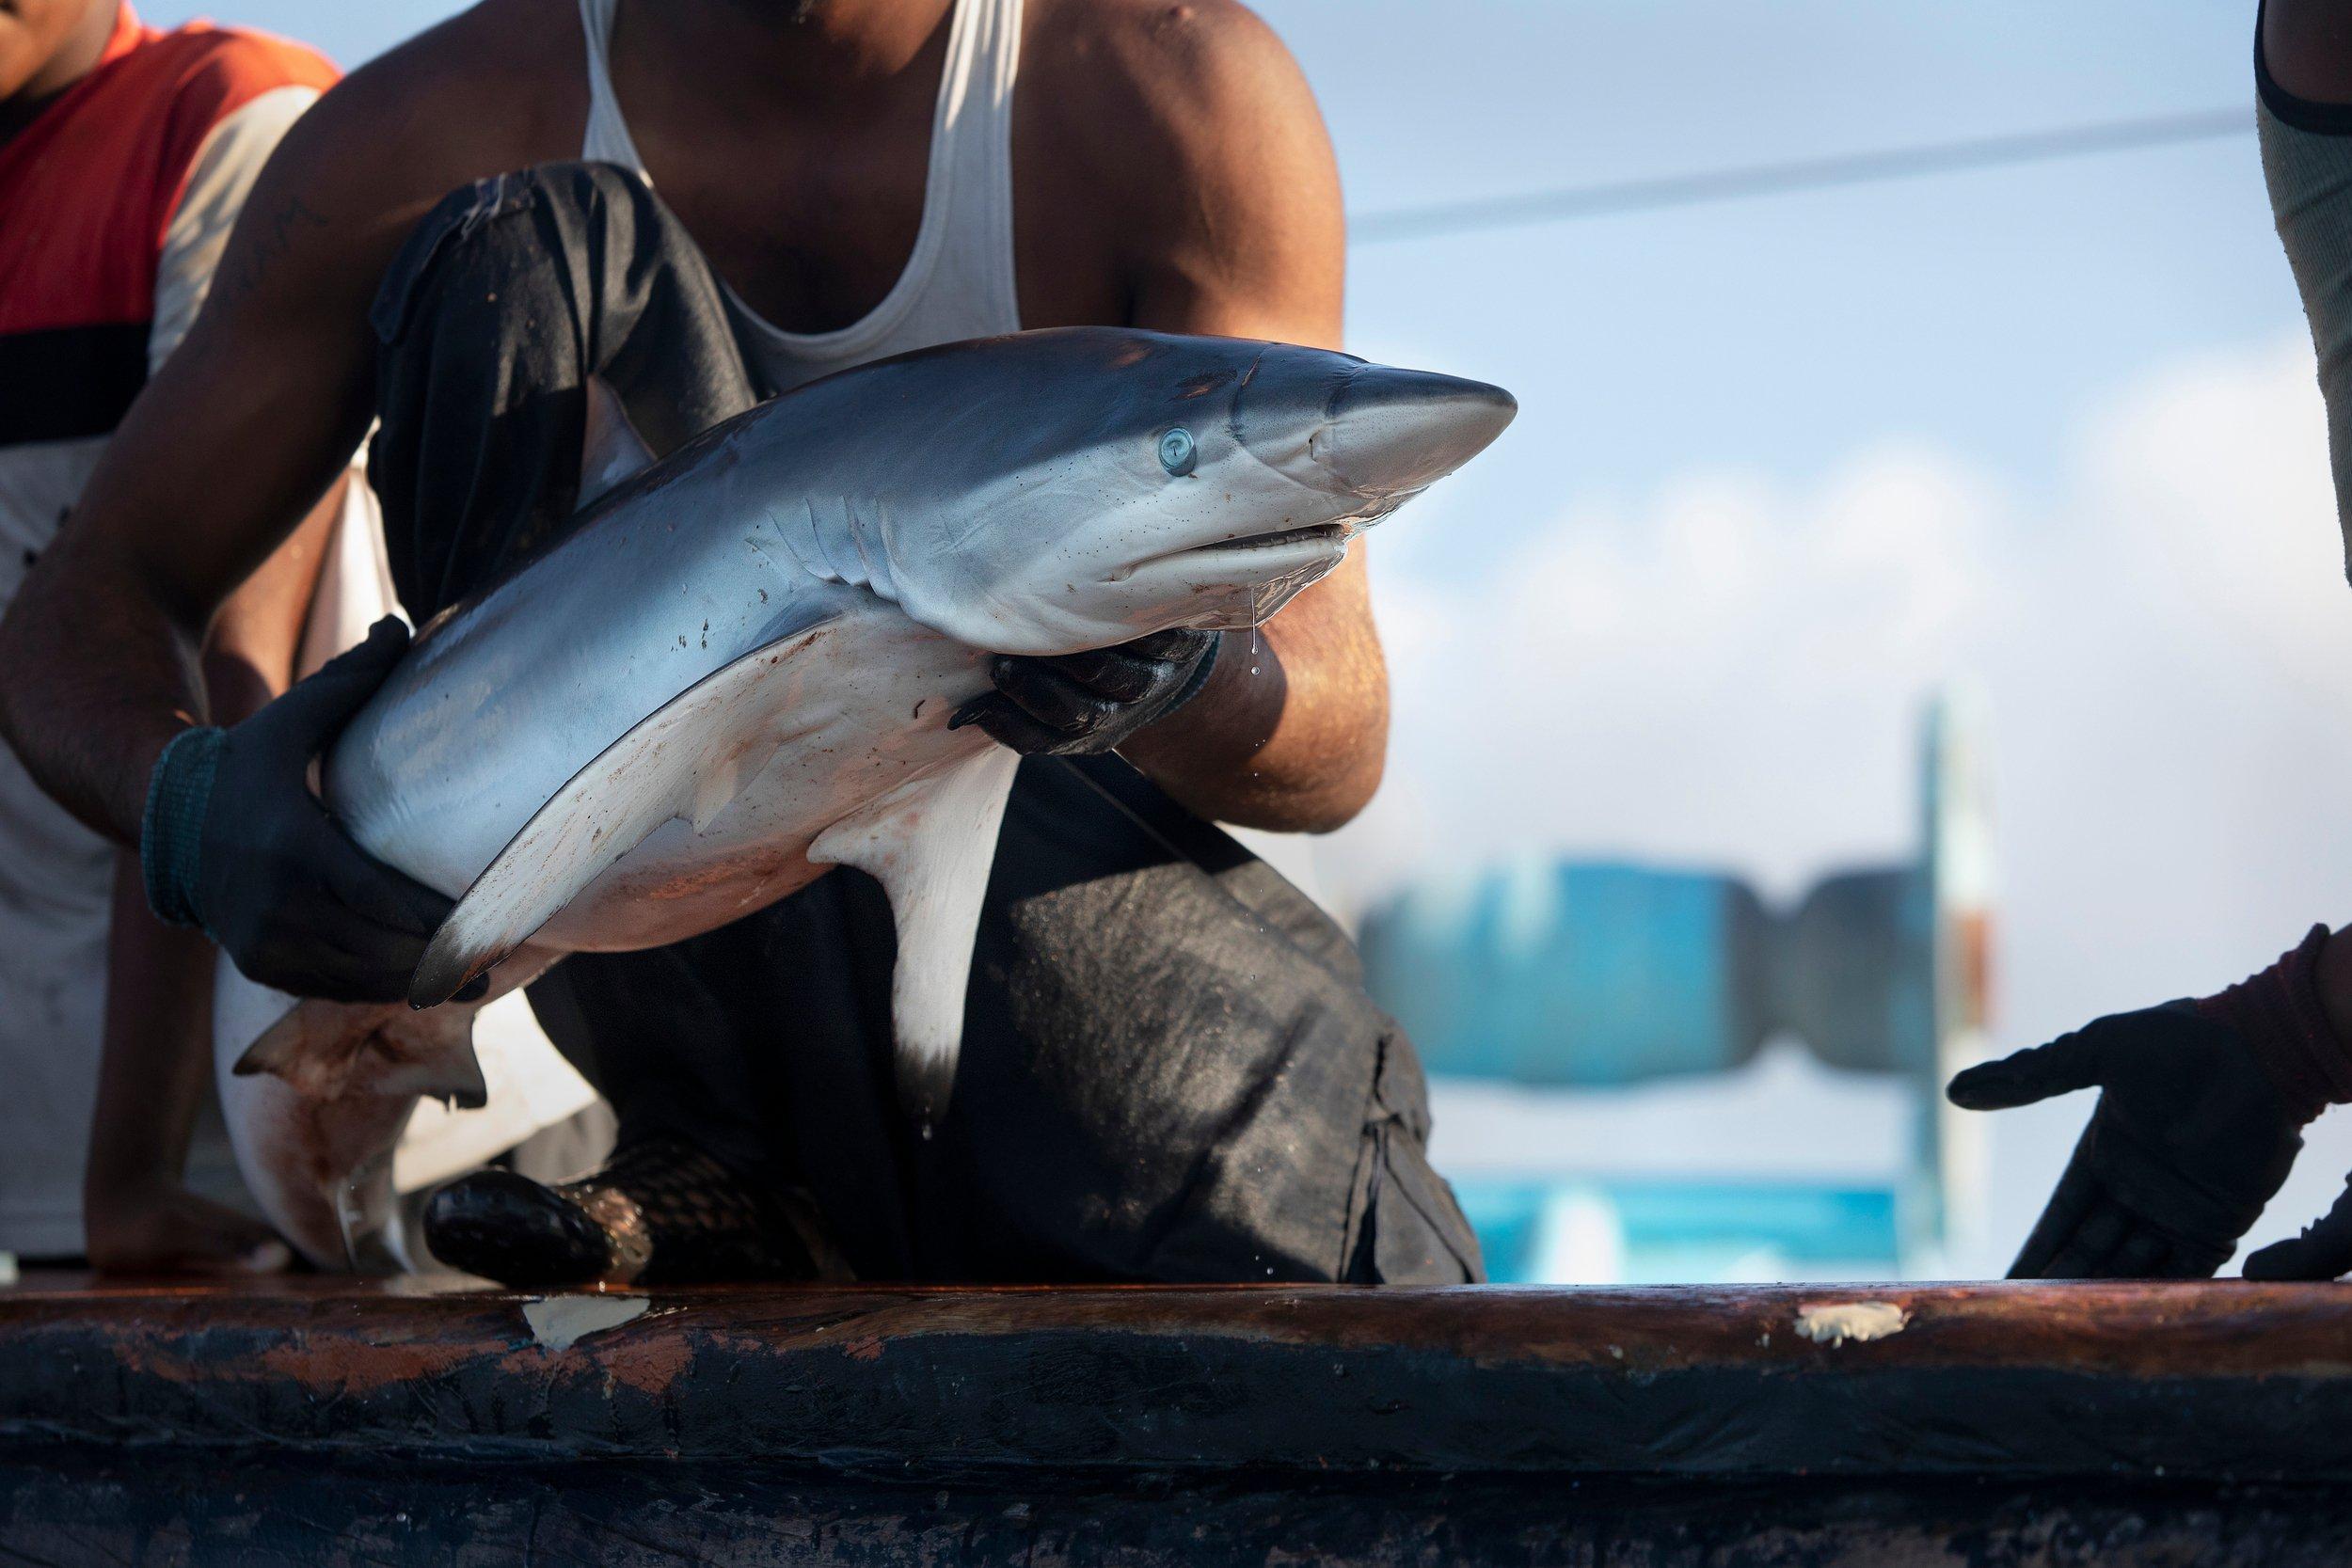 亞洲許多地區因為對鯊魚鰭製成的「魚翅」存在迷思,大量消費魚翅,成為鯊魚瀕臨絕種的禍首之一。© Abbie Trayler-Smith / Greenpeace